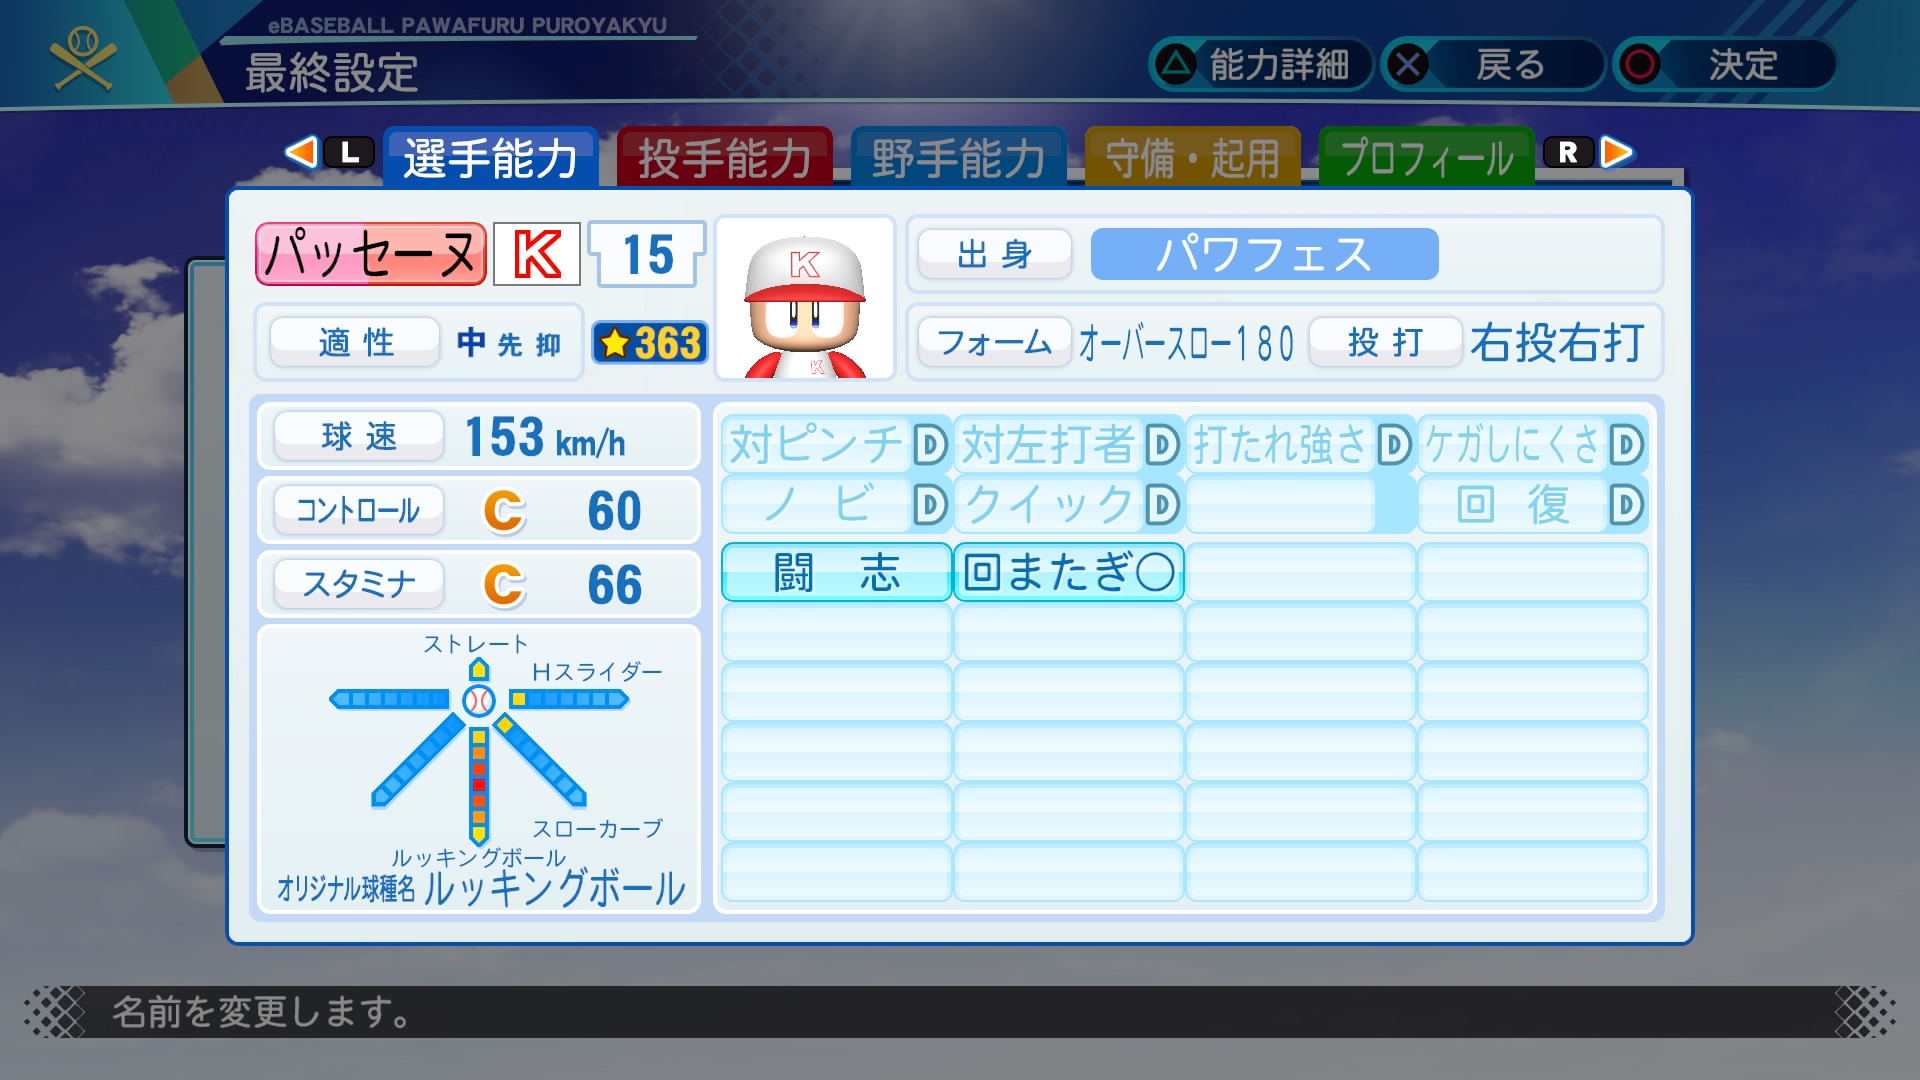 E-1_UgVVkAQdB6P.jpg